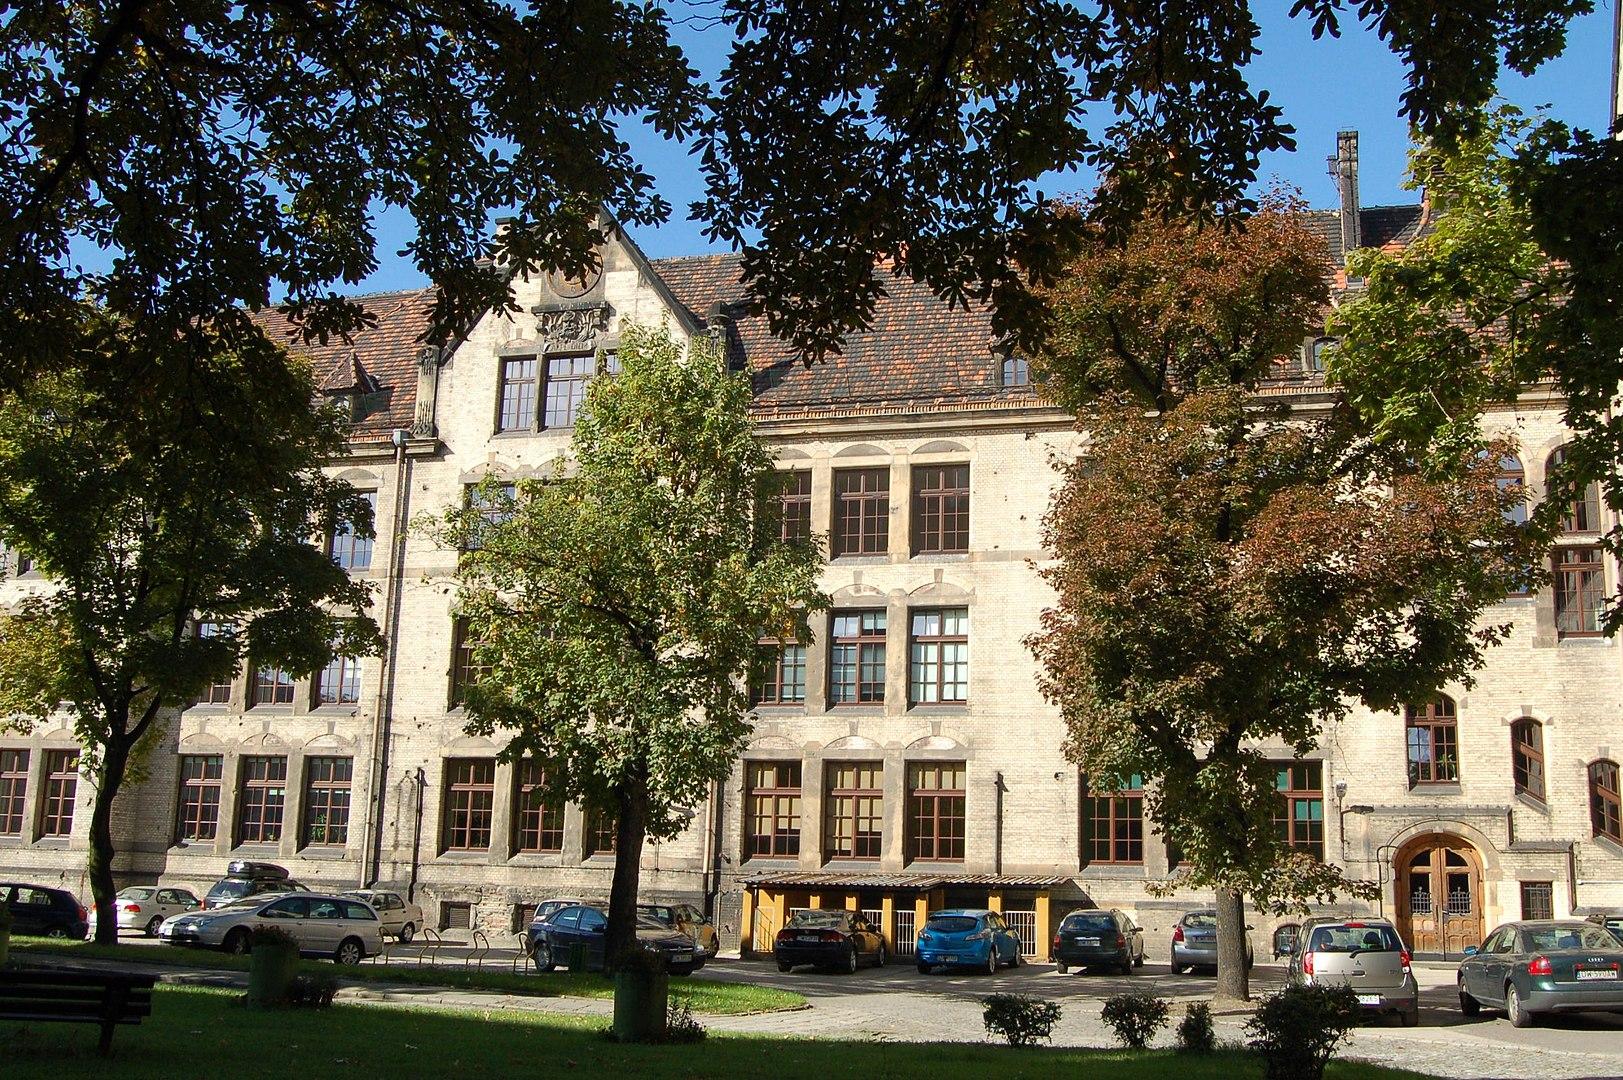 instytut psychologii uniwersytet wrocławski - By Padmayana - Praca własna, CC BY-SA 3.0 pl, https://commons.wikimedia.org/w/index.php?curid=21794483